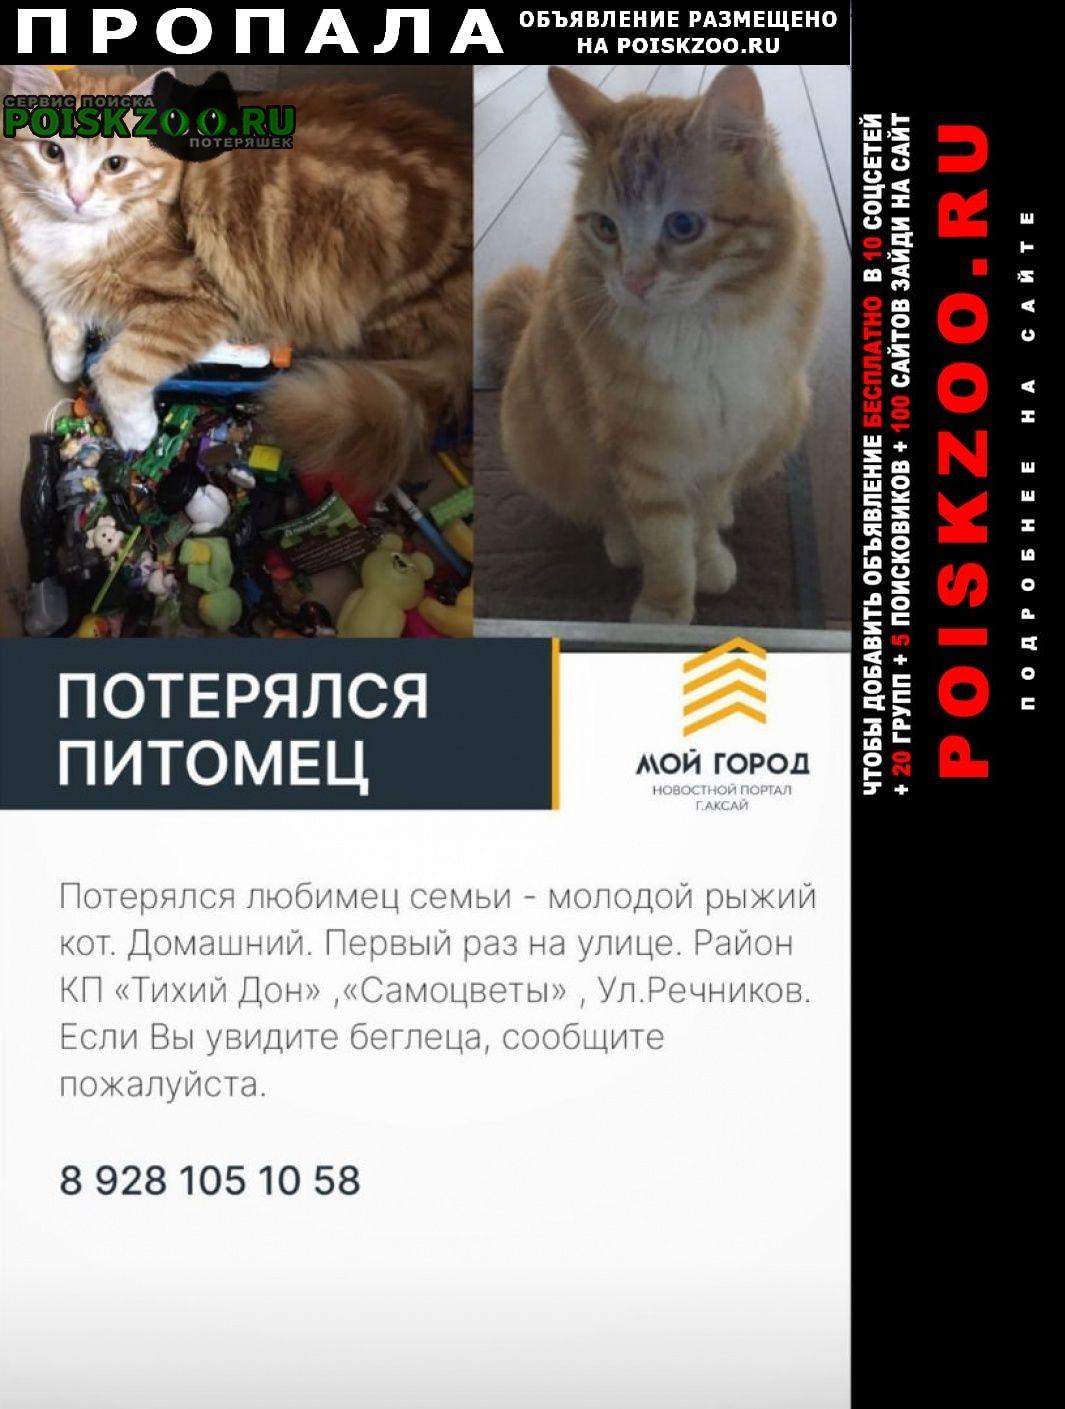 Пропал кот рыжик Аксай (Ростовская обл.)